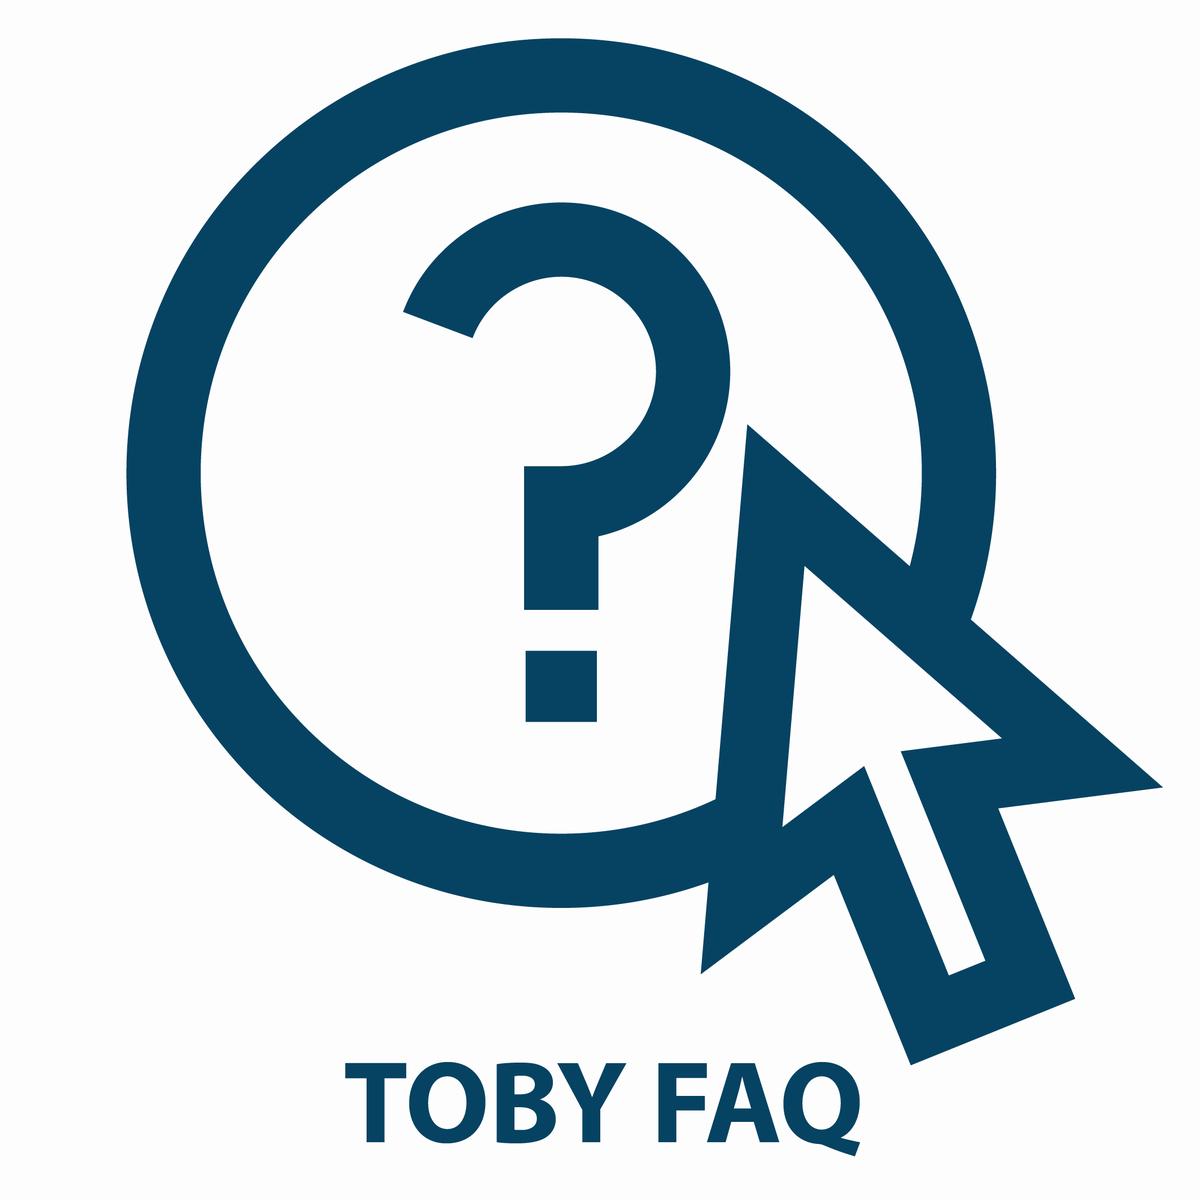 TOBY FAQ